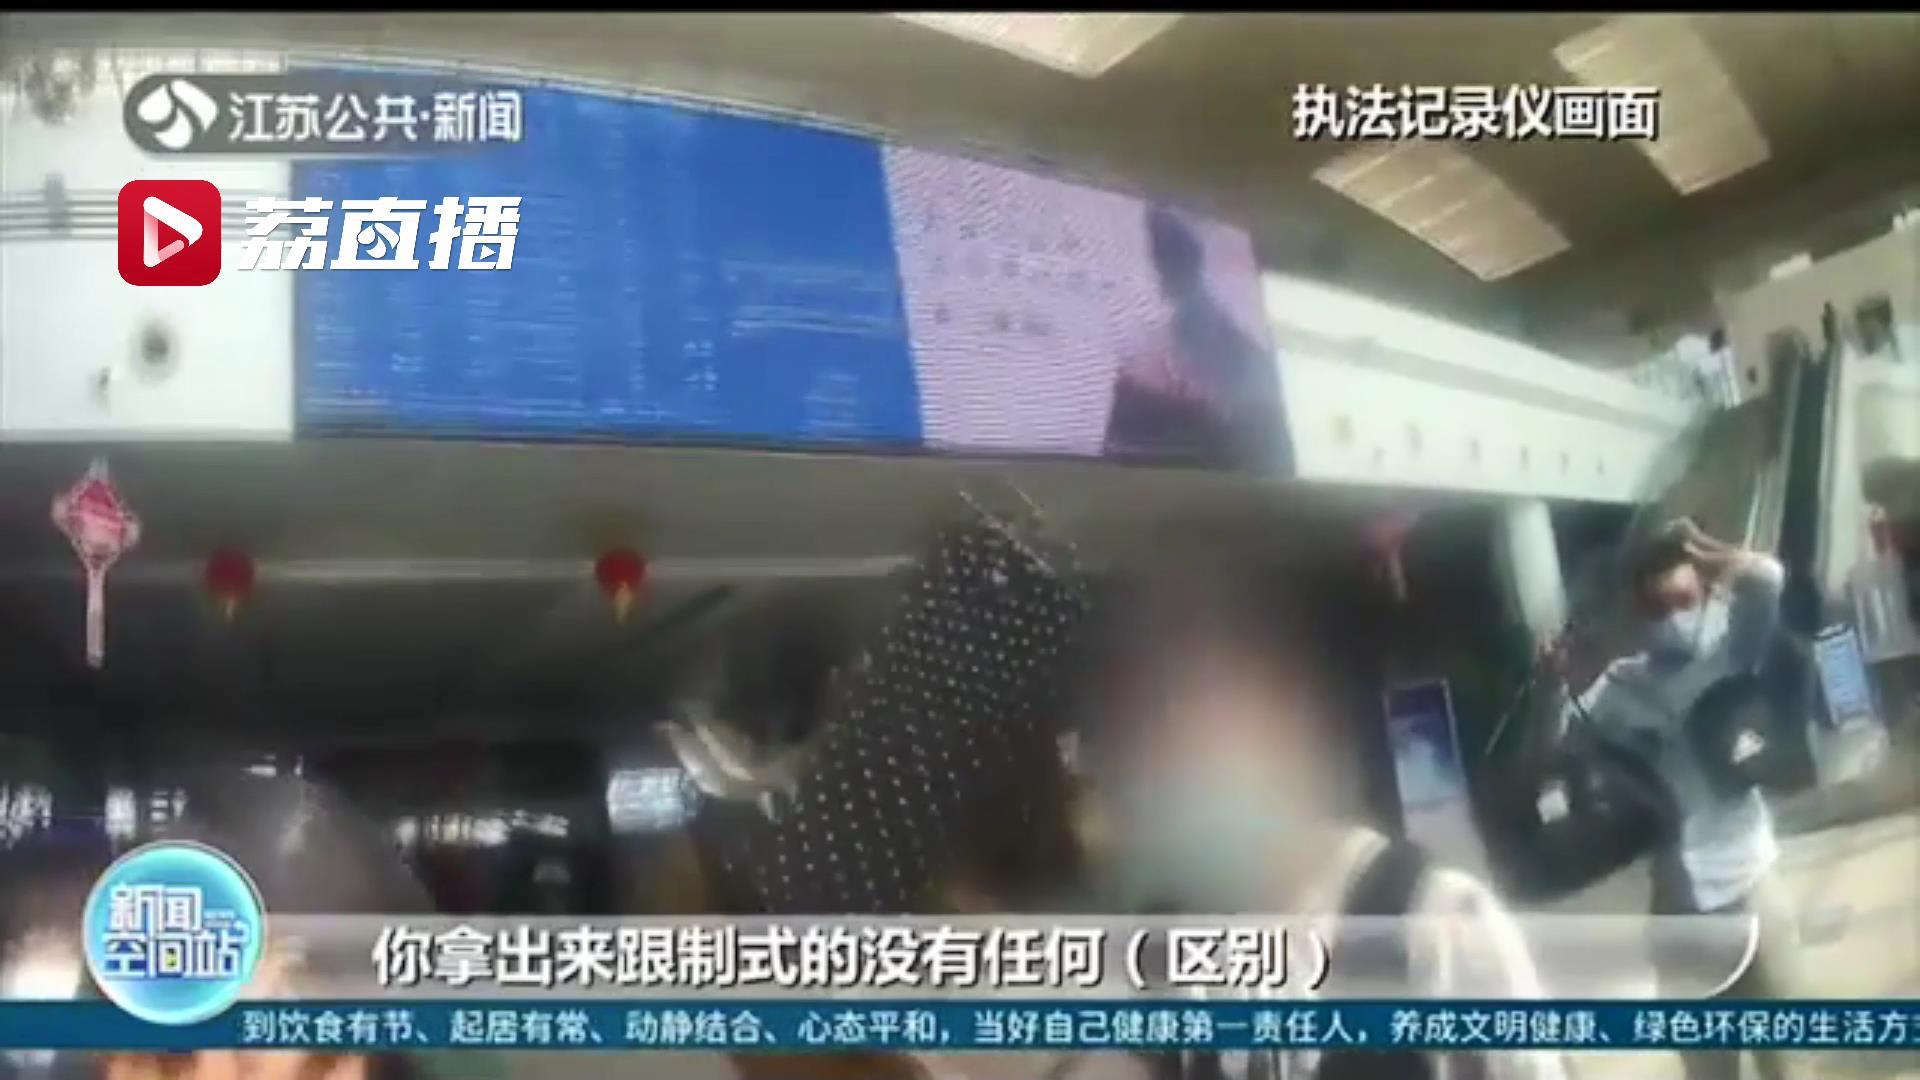 """原来是虚惊一场!火车站安检惊现""""手枪""""还启动了应急预案"""